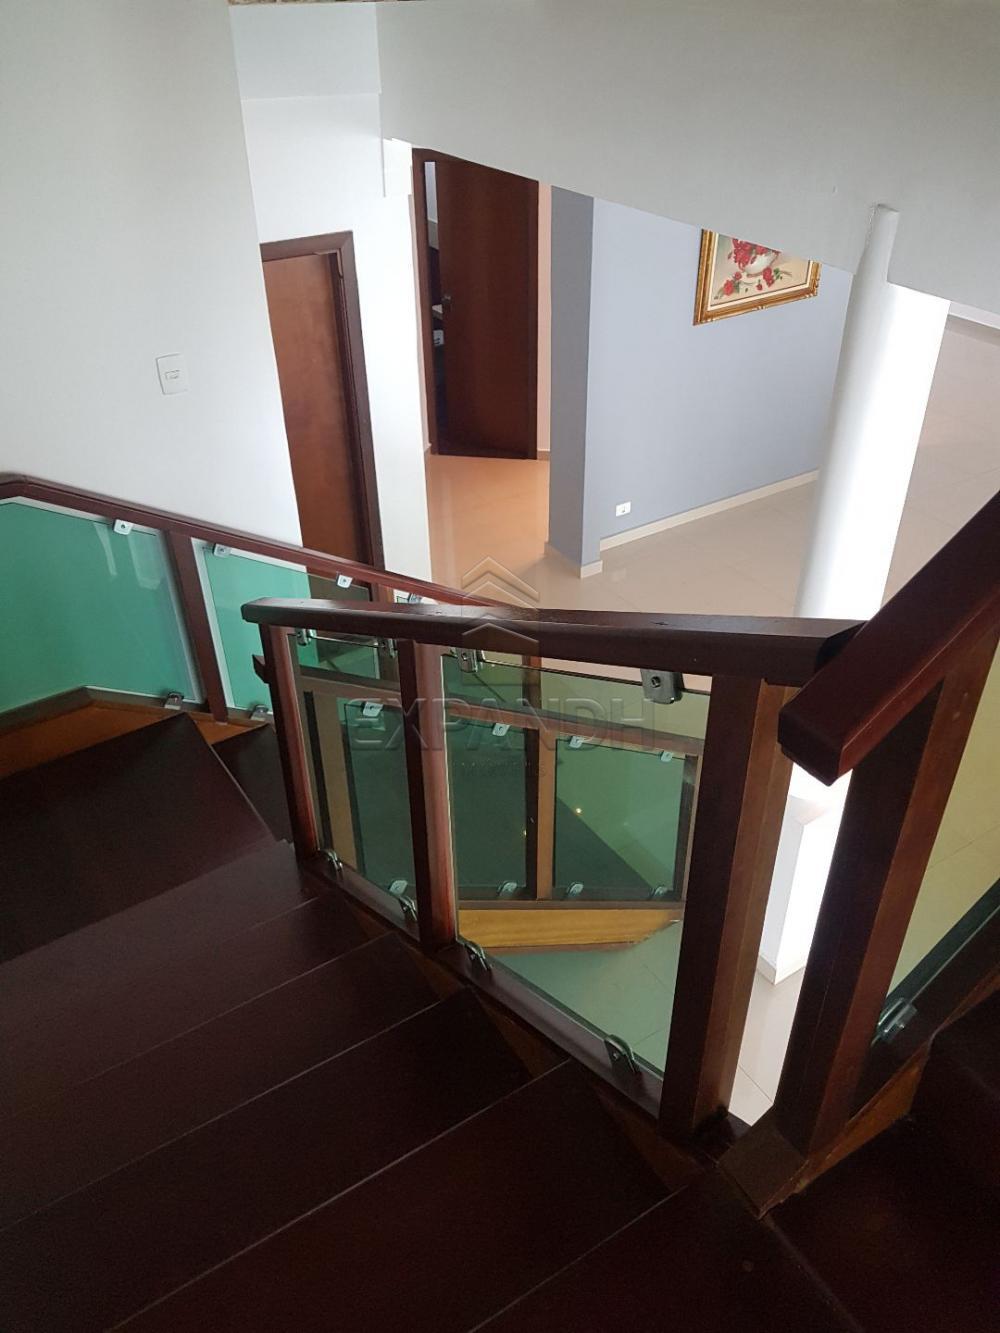 Comprar Casas / Padrão em Sertãozinho R$ 1.380.000,00 - Foto 9